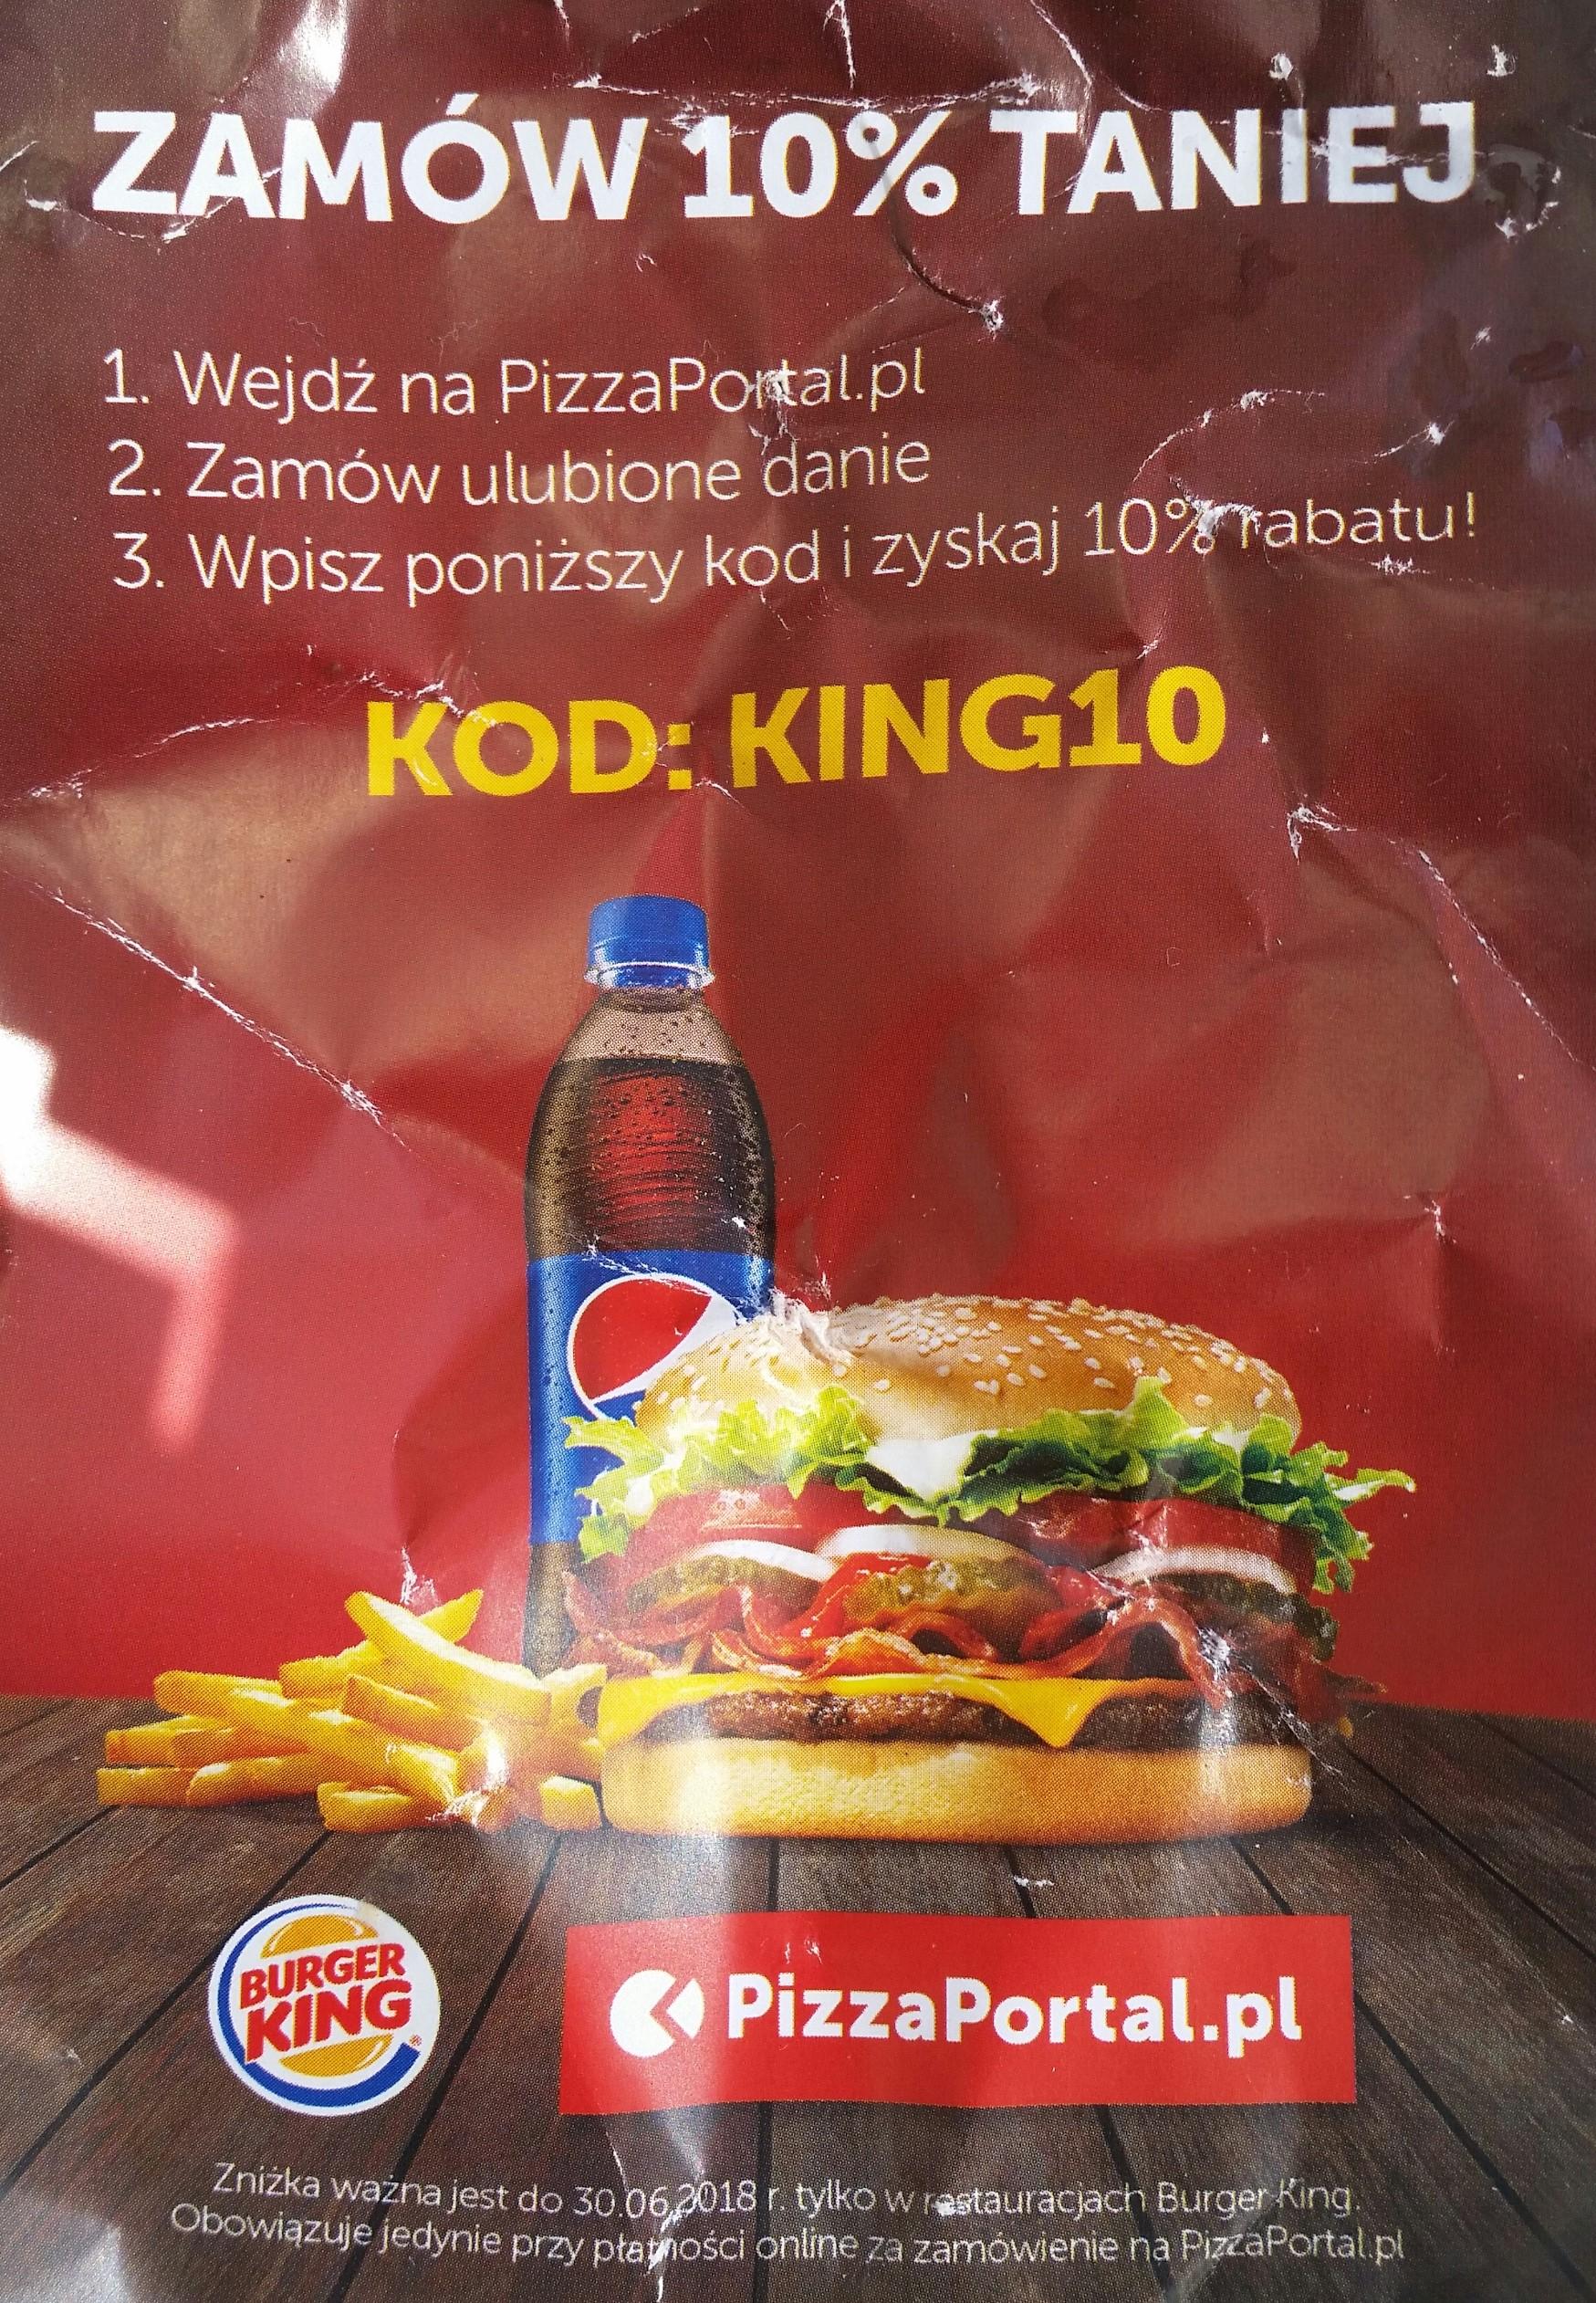 10% zniżki  na zamówienie z Burger King przez PizzaPortal.pl